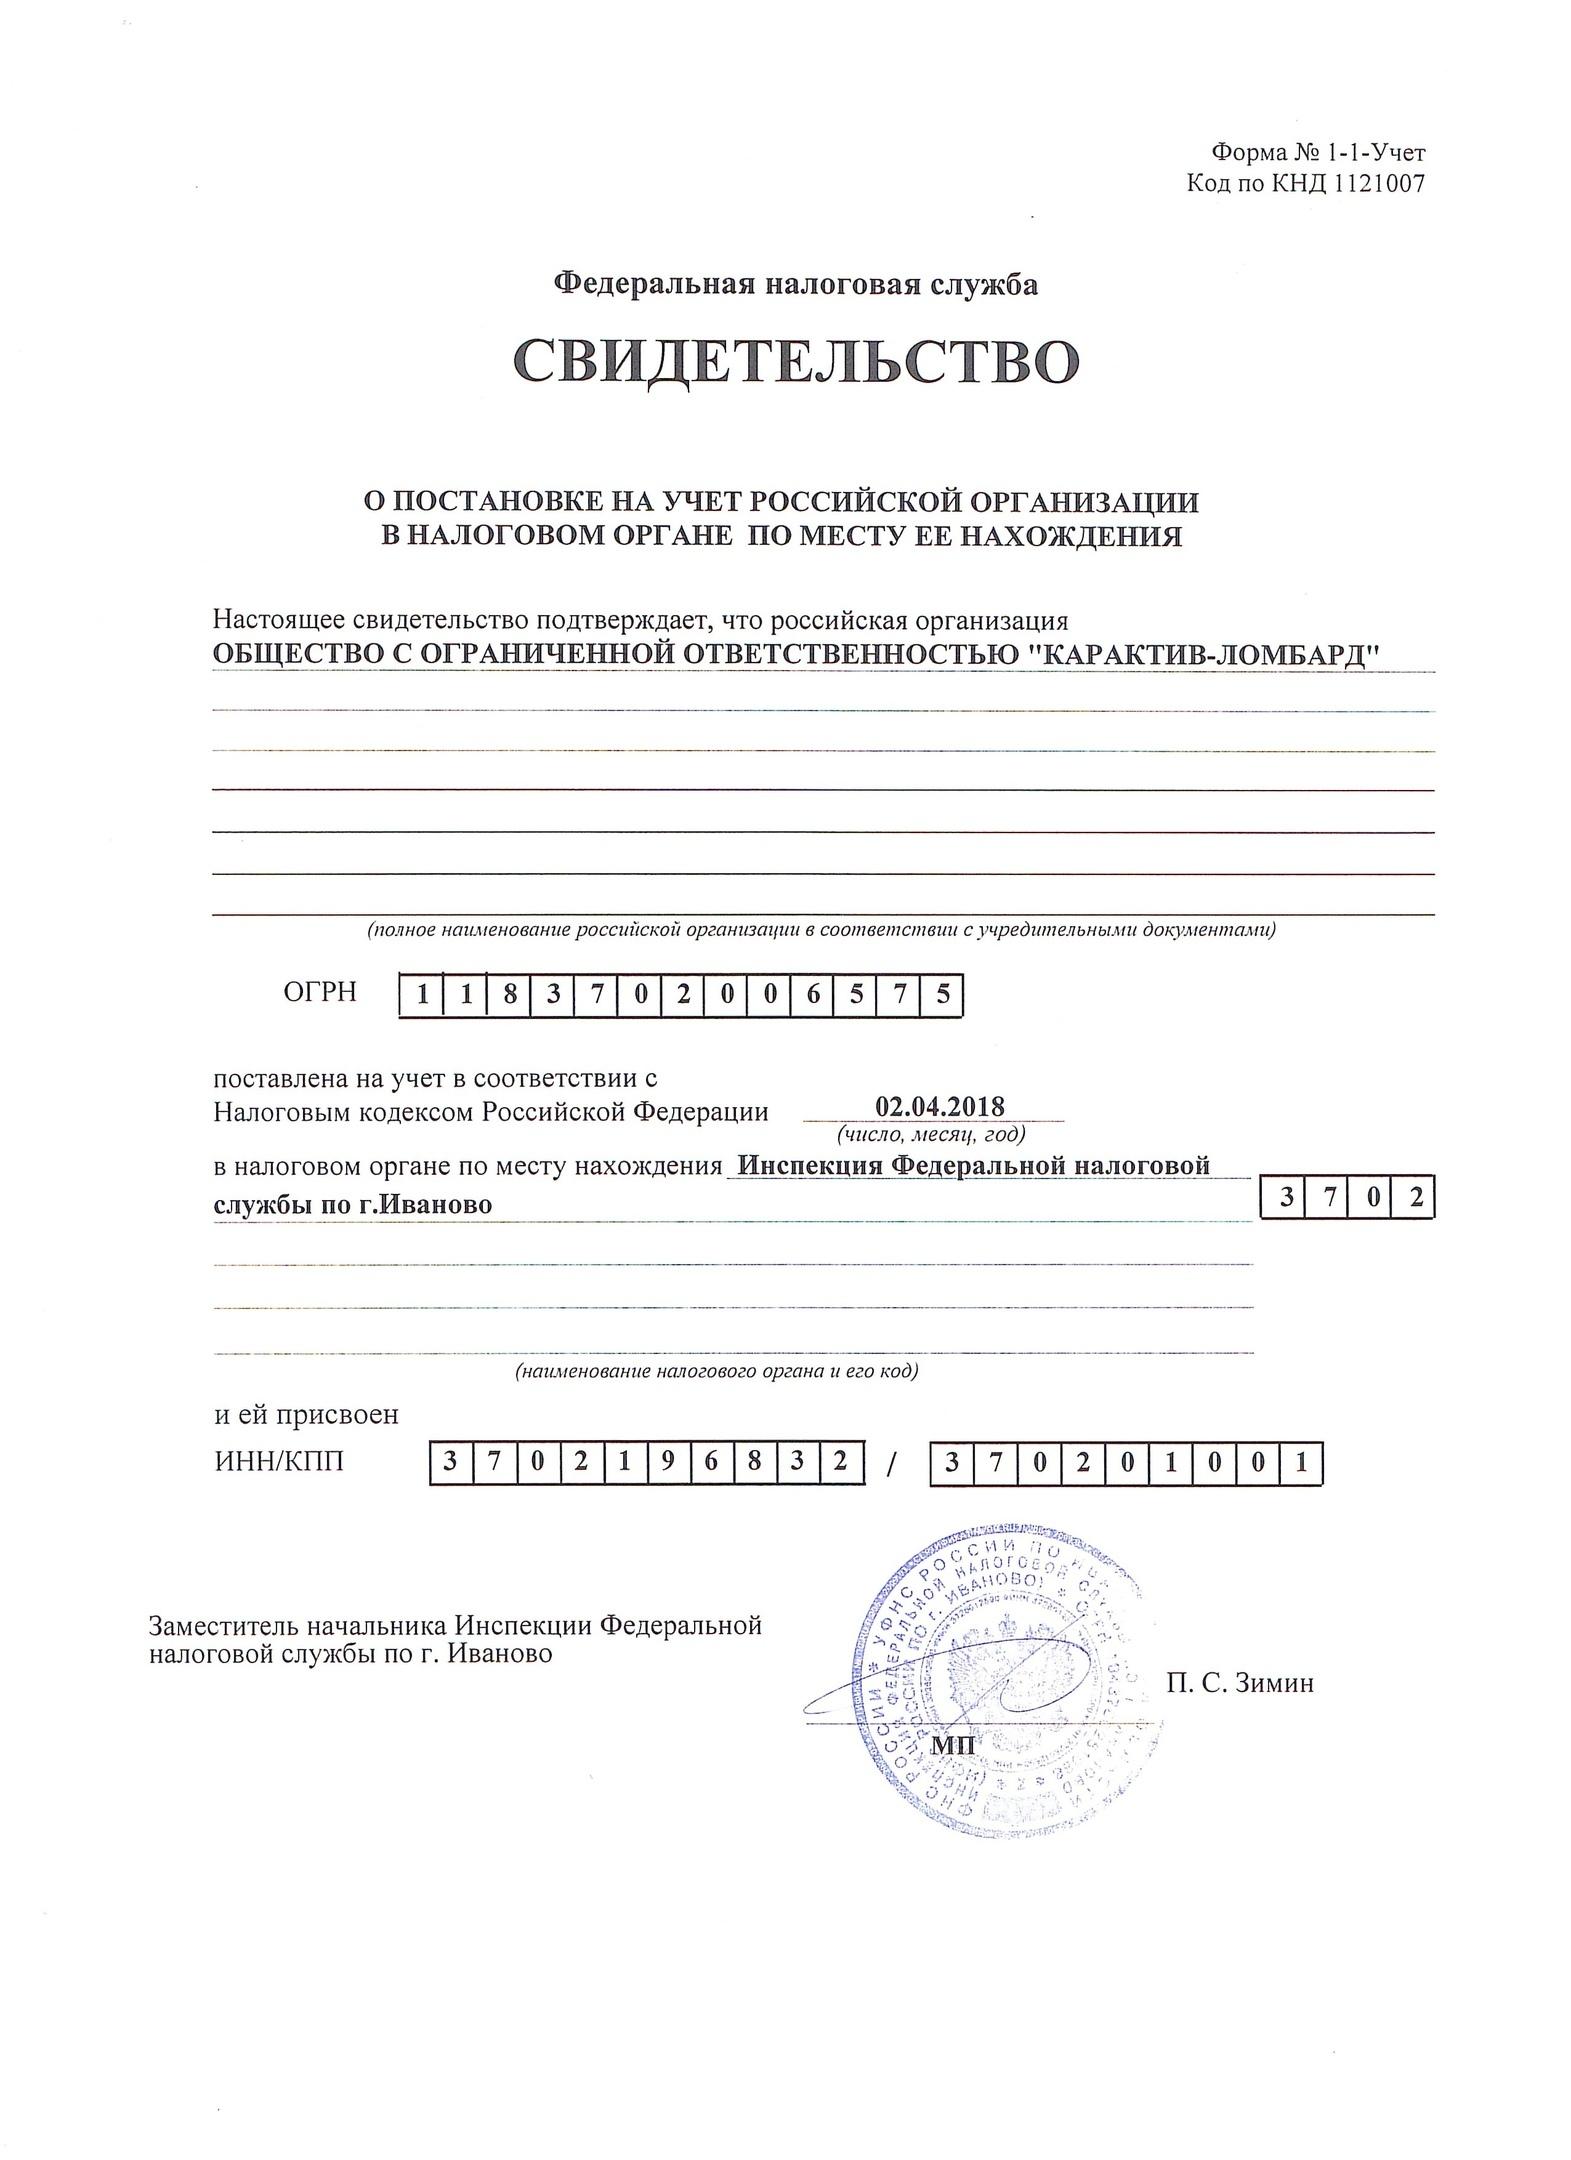 Кредит на 1 500 000 рублей расчет сбербанк